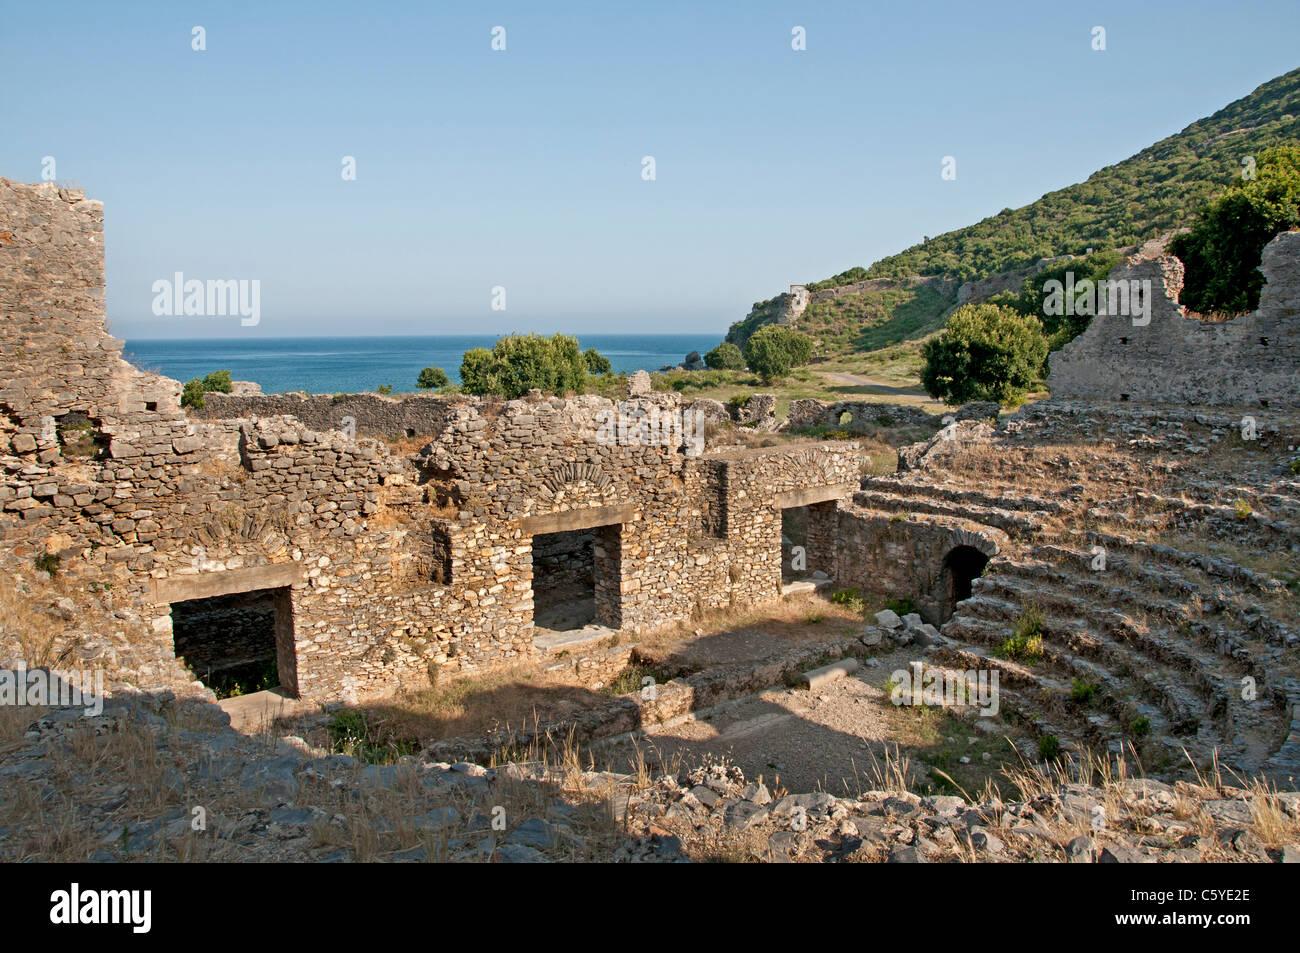 Anemurium provincia romana di grezzo Cilicia Turchia Anamur turco Immagini Stock